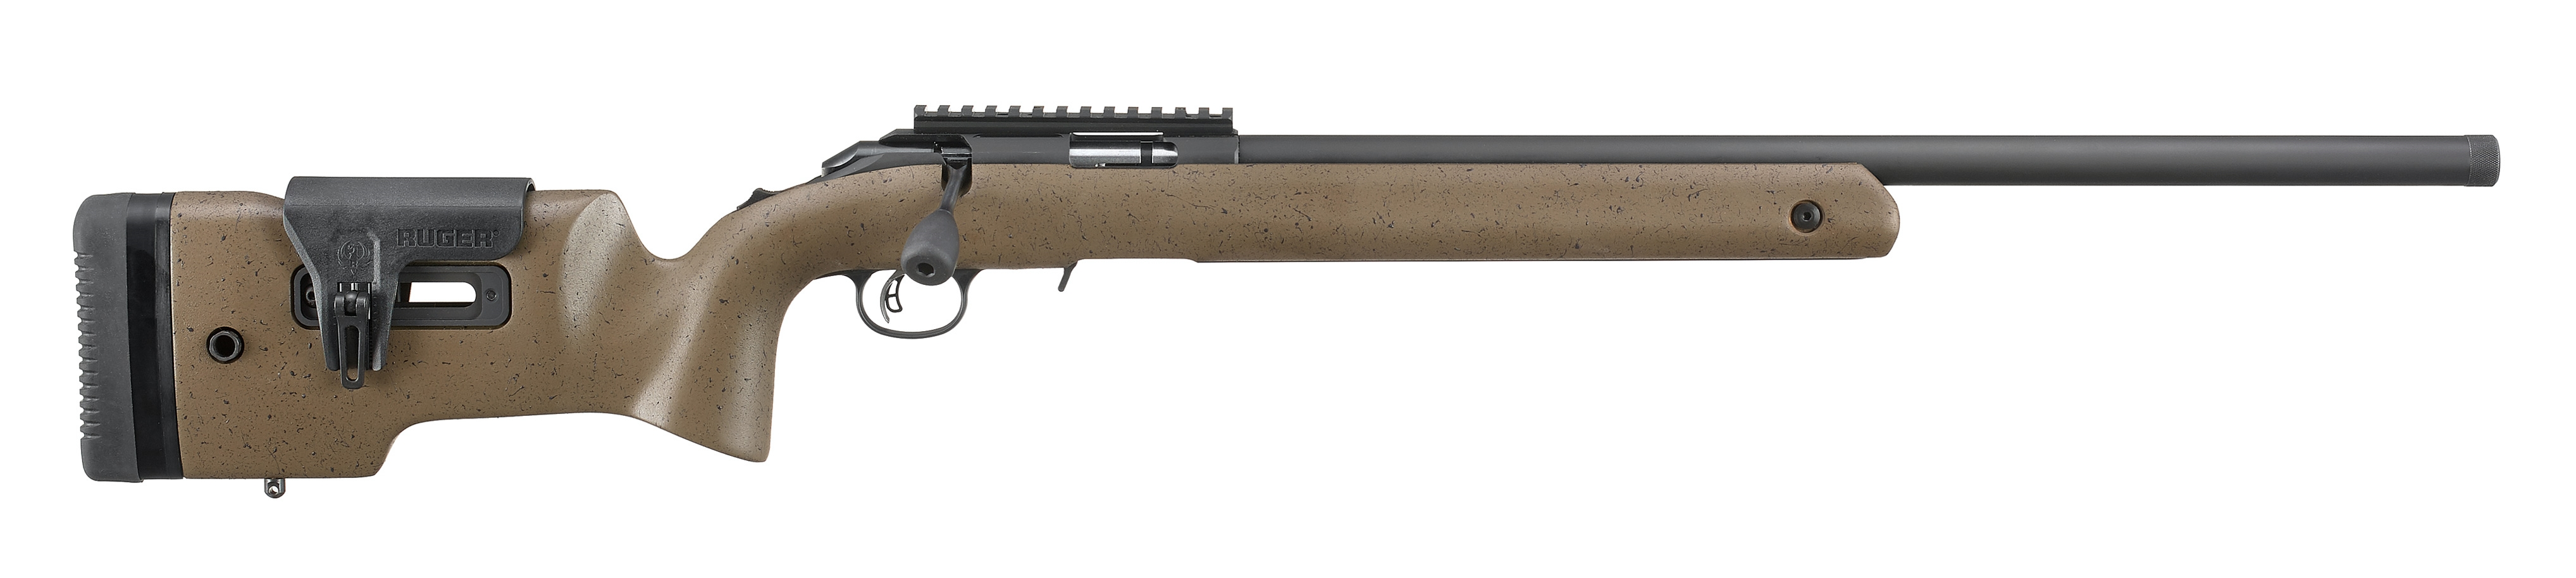 Ruger American Long-Range Target 22 LR